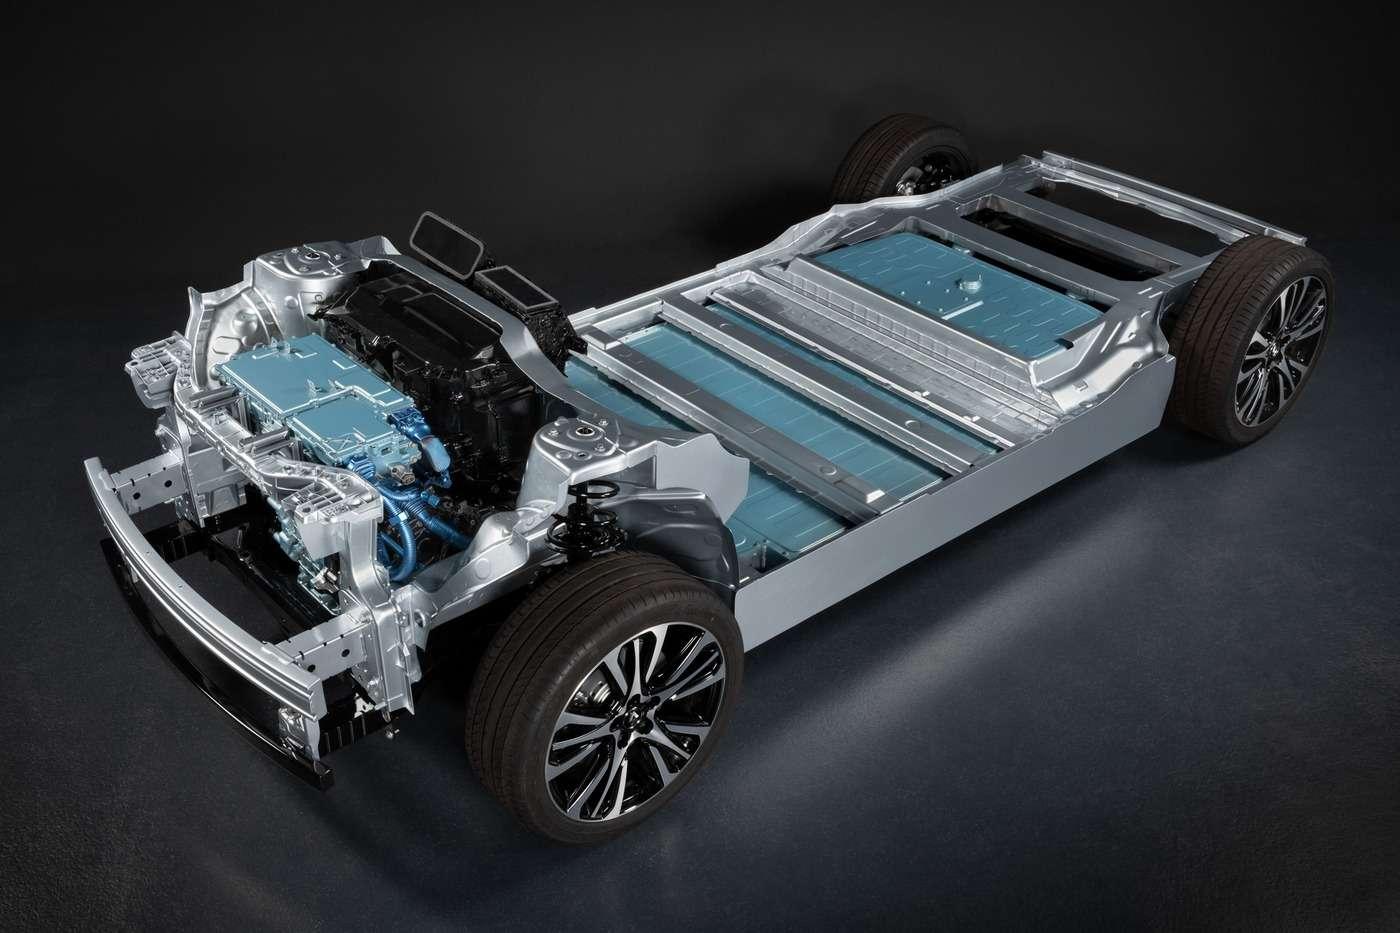 La plateforme CMF-EV servira à la construction des futurs modèles électrique de Renault, Nissan et Mitsubishi. © Renault